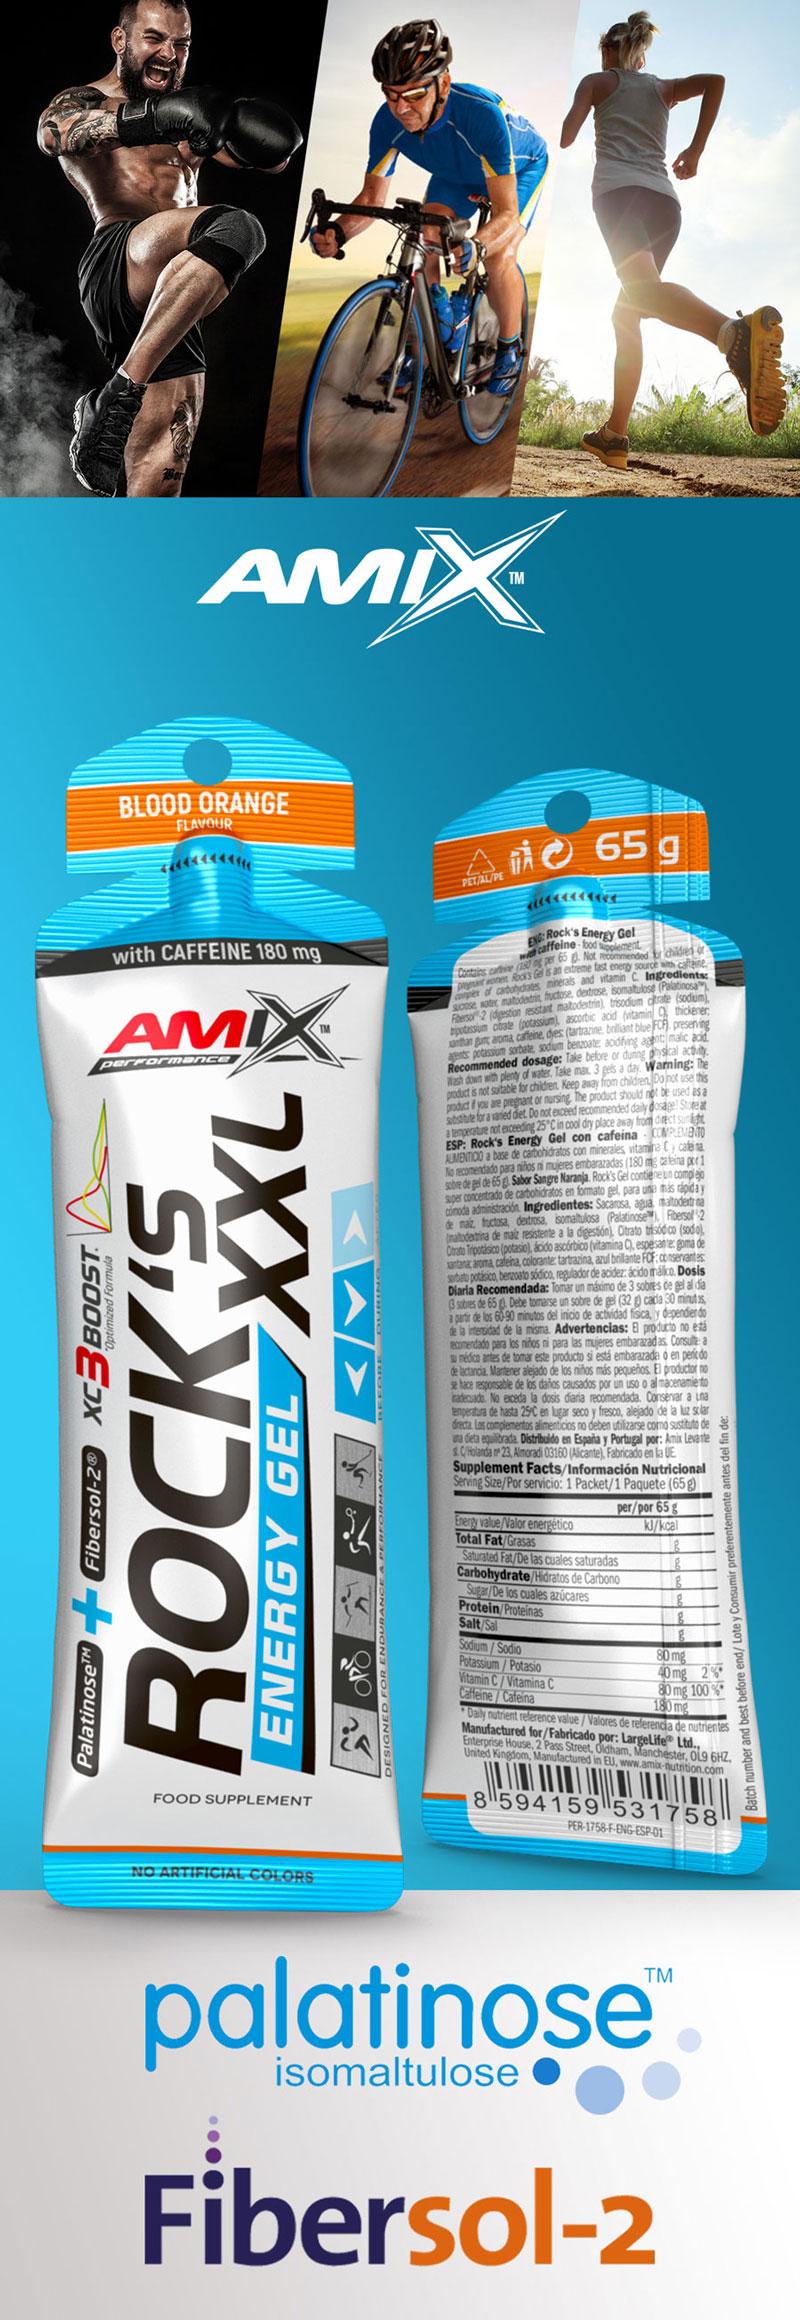 żele-energetyczne-z-kofeiną-amix-rocks-xxl-baner